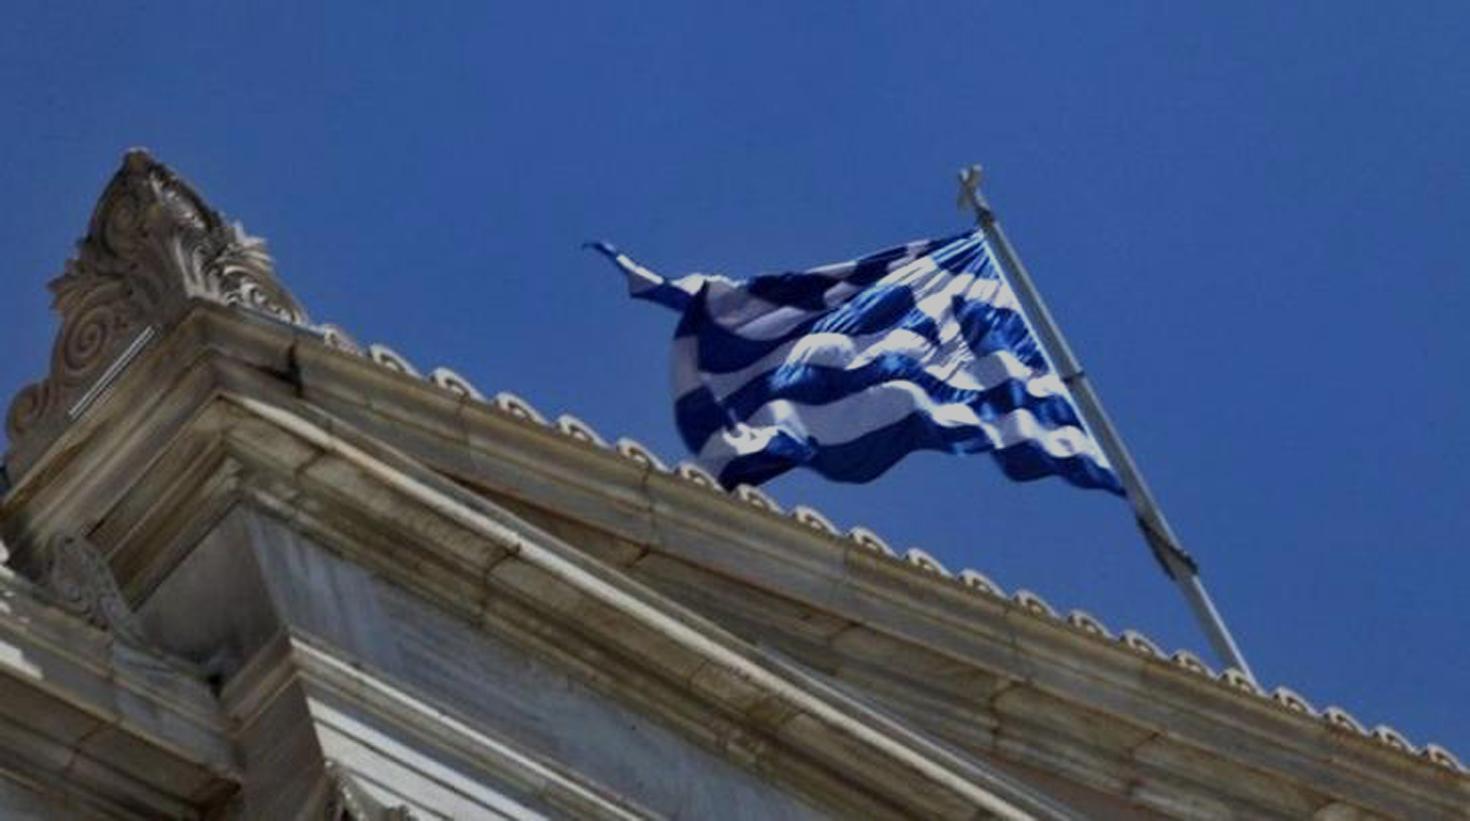 Το ΔΝΤ παραδέχτηκε τις δολοφονίες που διέπραξε στην Ελλάδα! Τιμωρία θα υπάρξει;